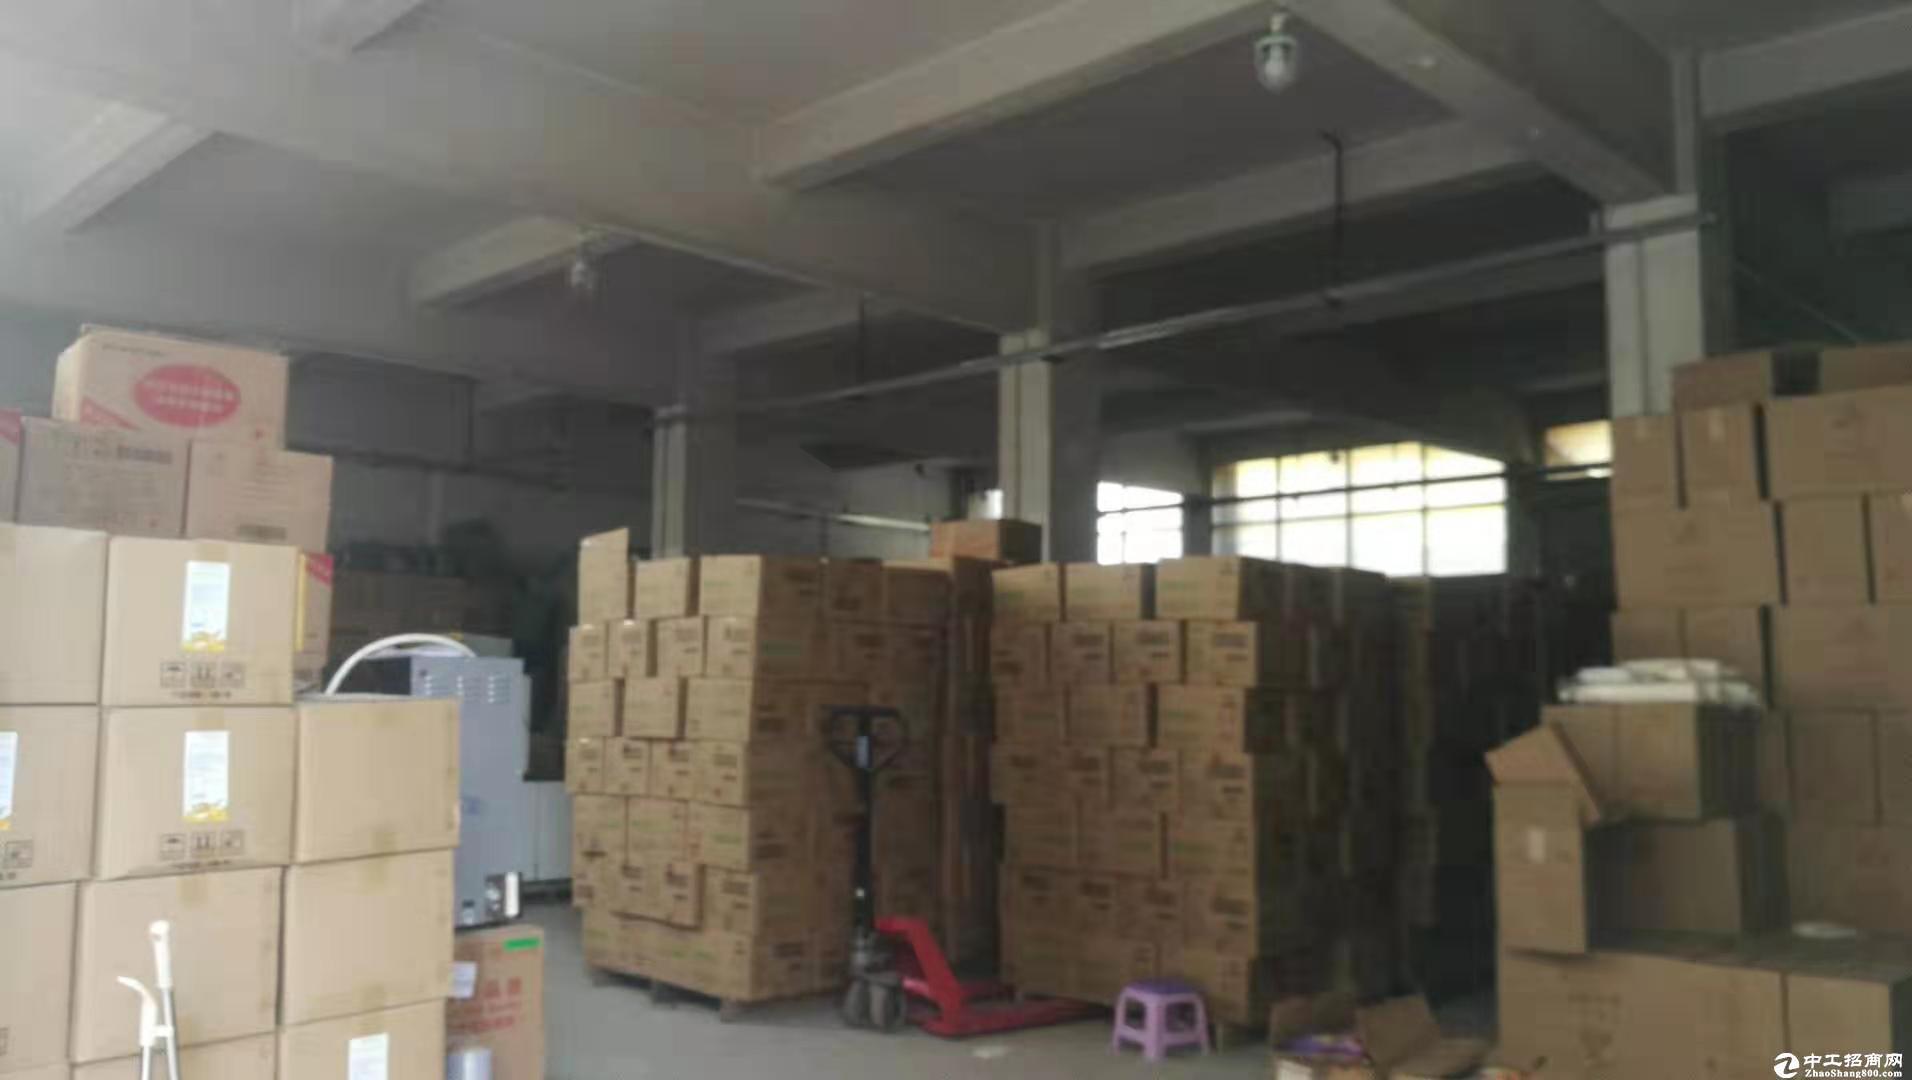 西丽大勘科技园附近一楼400平厂房招租